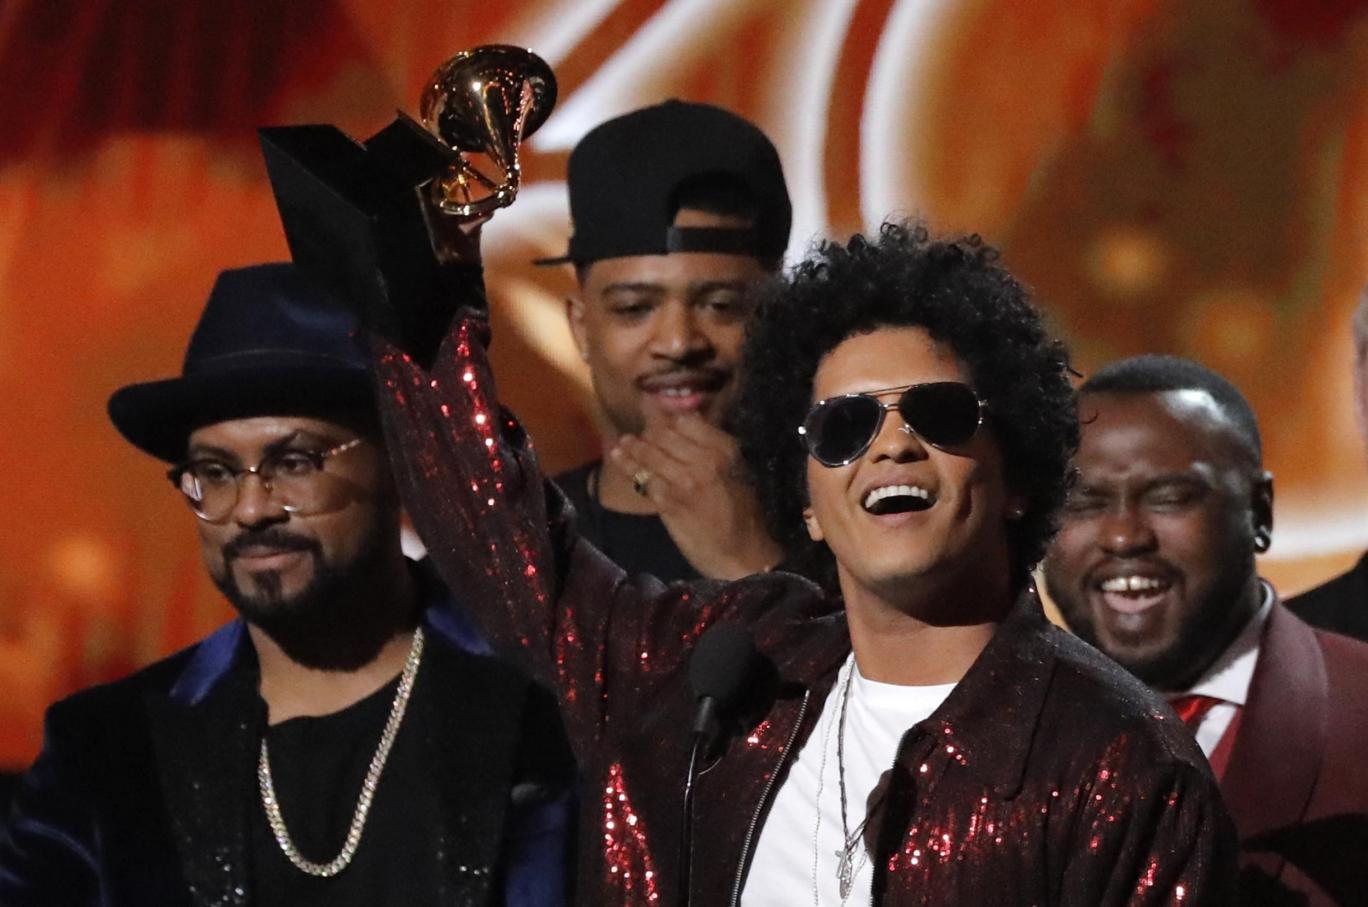 Quattro riflessioni su questi Grammy